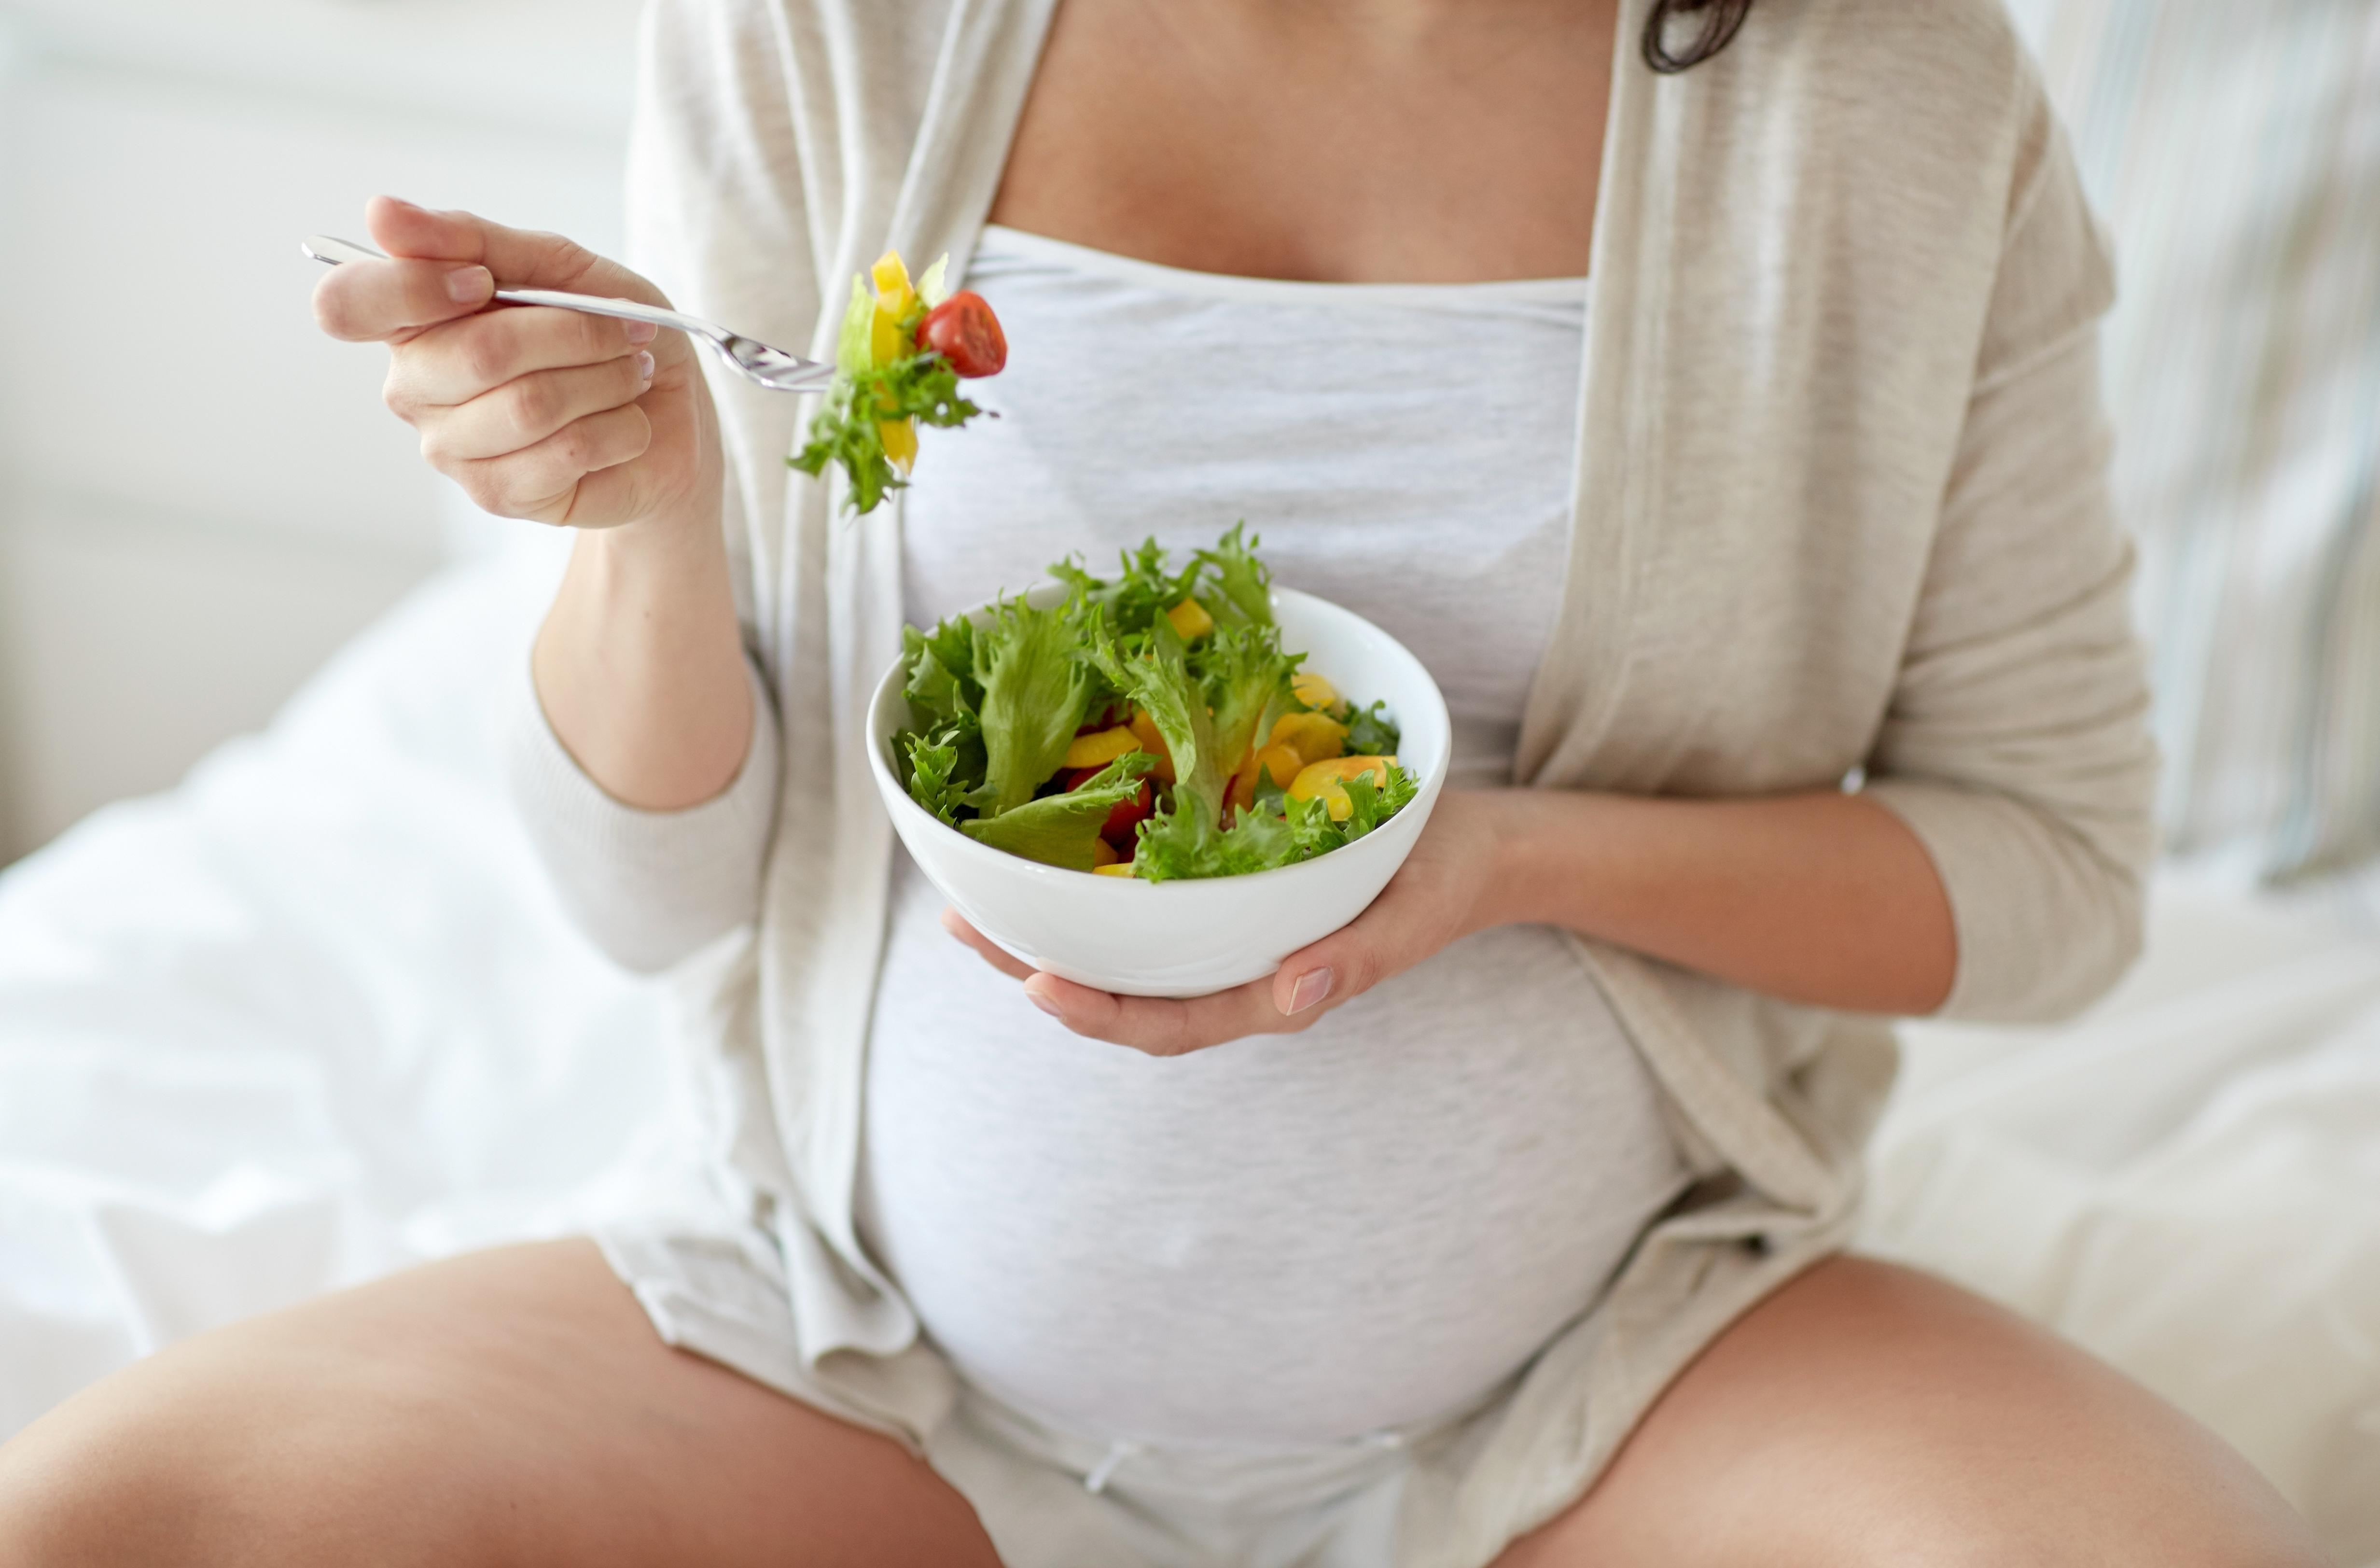 Mujer embarazada comiendo una ensalada